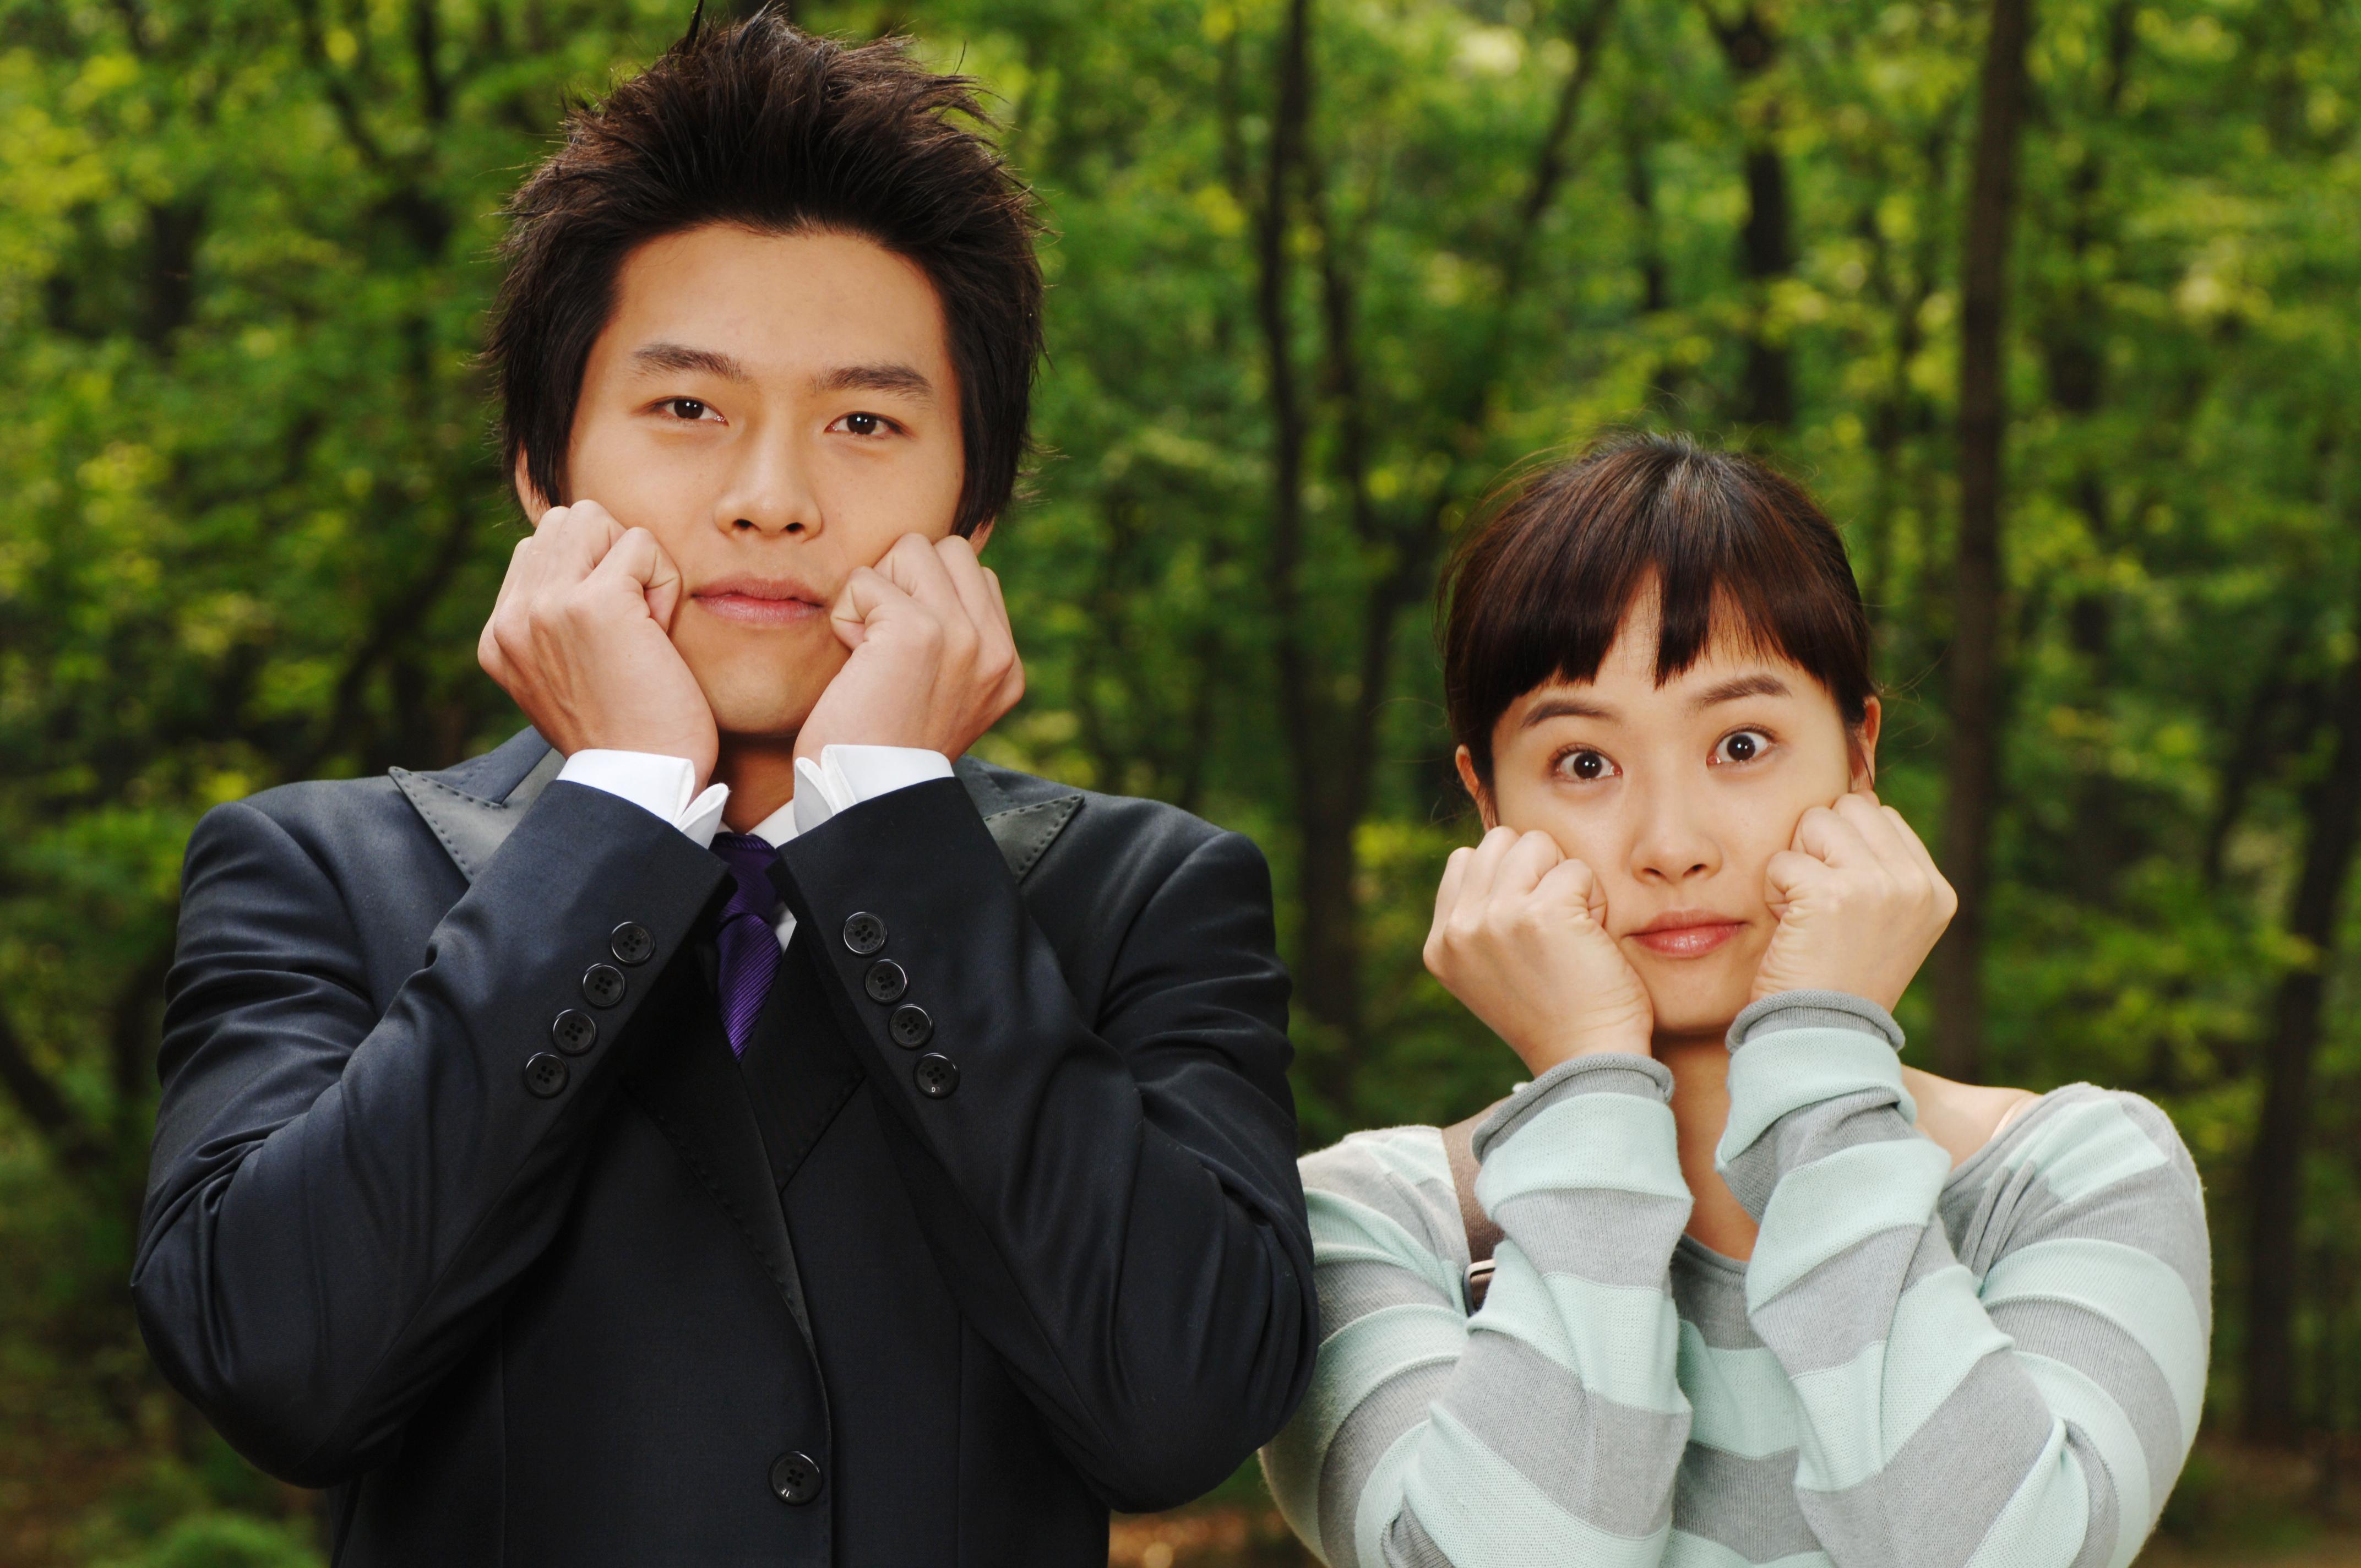 韩国男神玄彬新剧《阿尔罕布拉宫的回忆》开播收视飘红,一起来看看他的经典韩剧啊!插图7